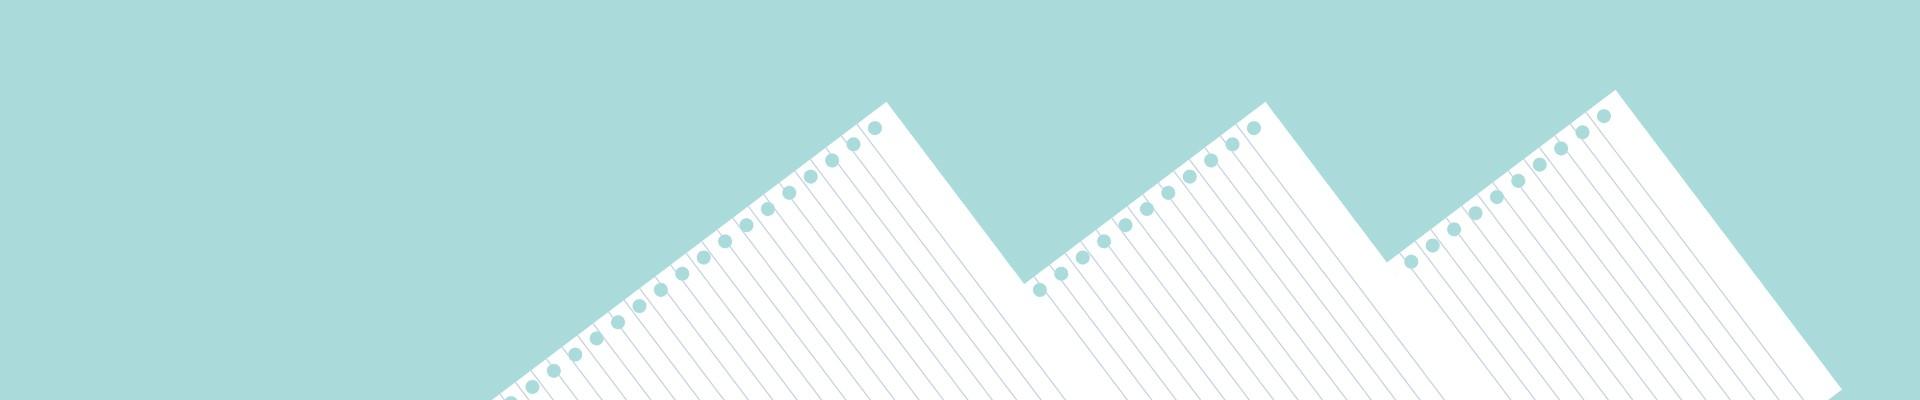 Jual Loose Leaf (Kertas File)  Murah dan Terlengkap